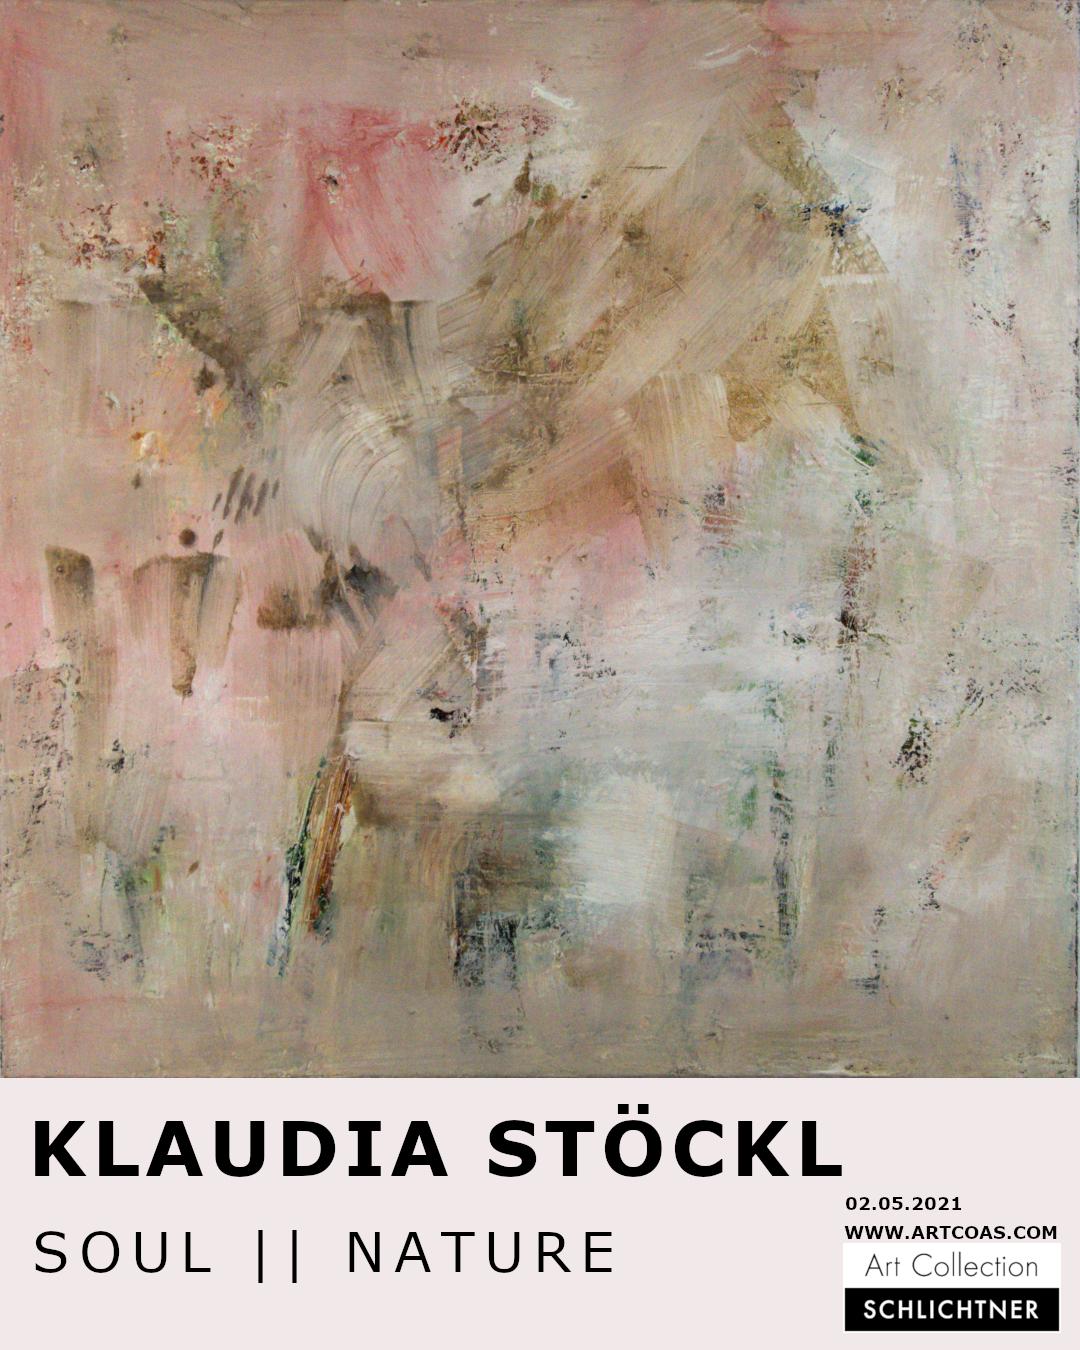 Klaudia Stöckl - SOUL // NATURE - online solo exhibition  - 02.05.2021